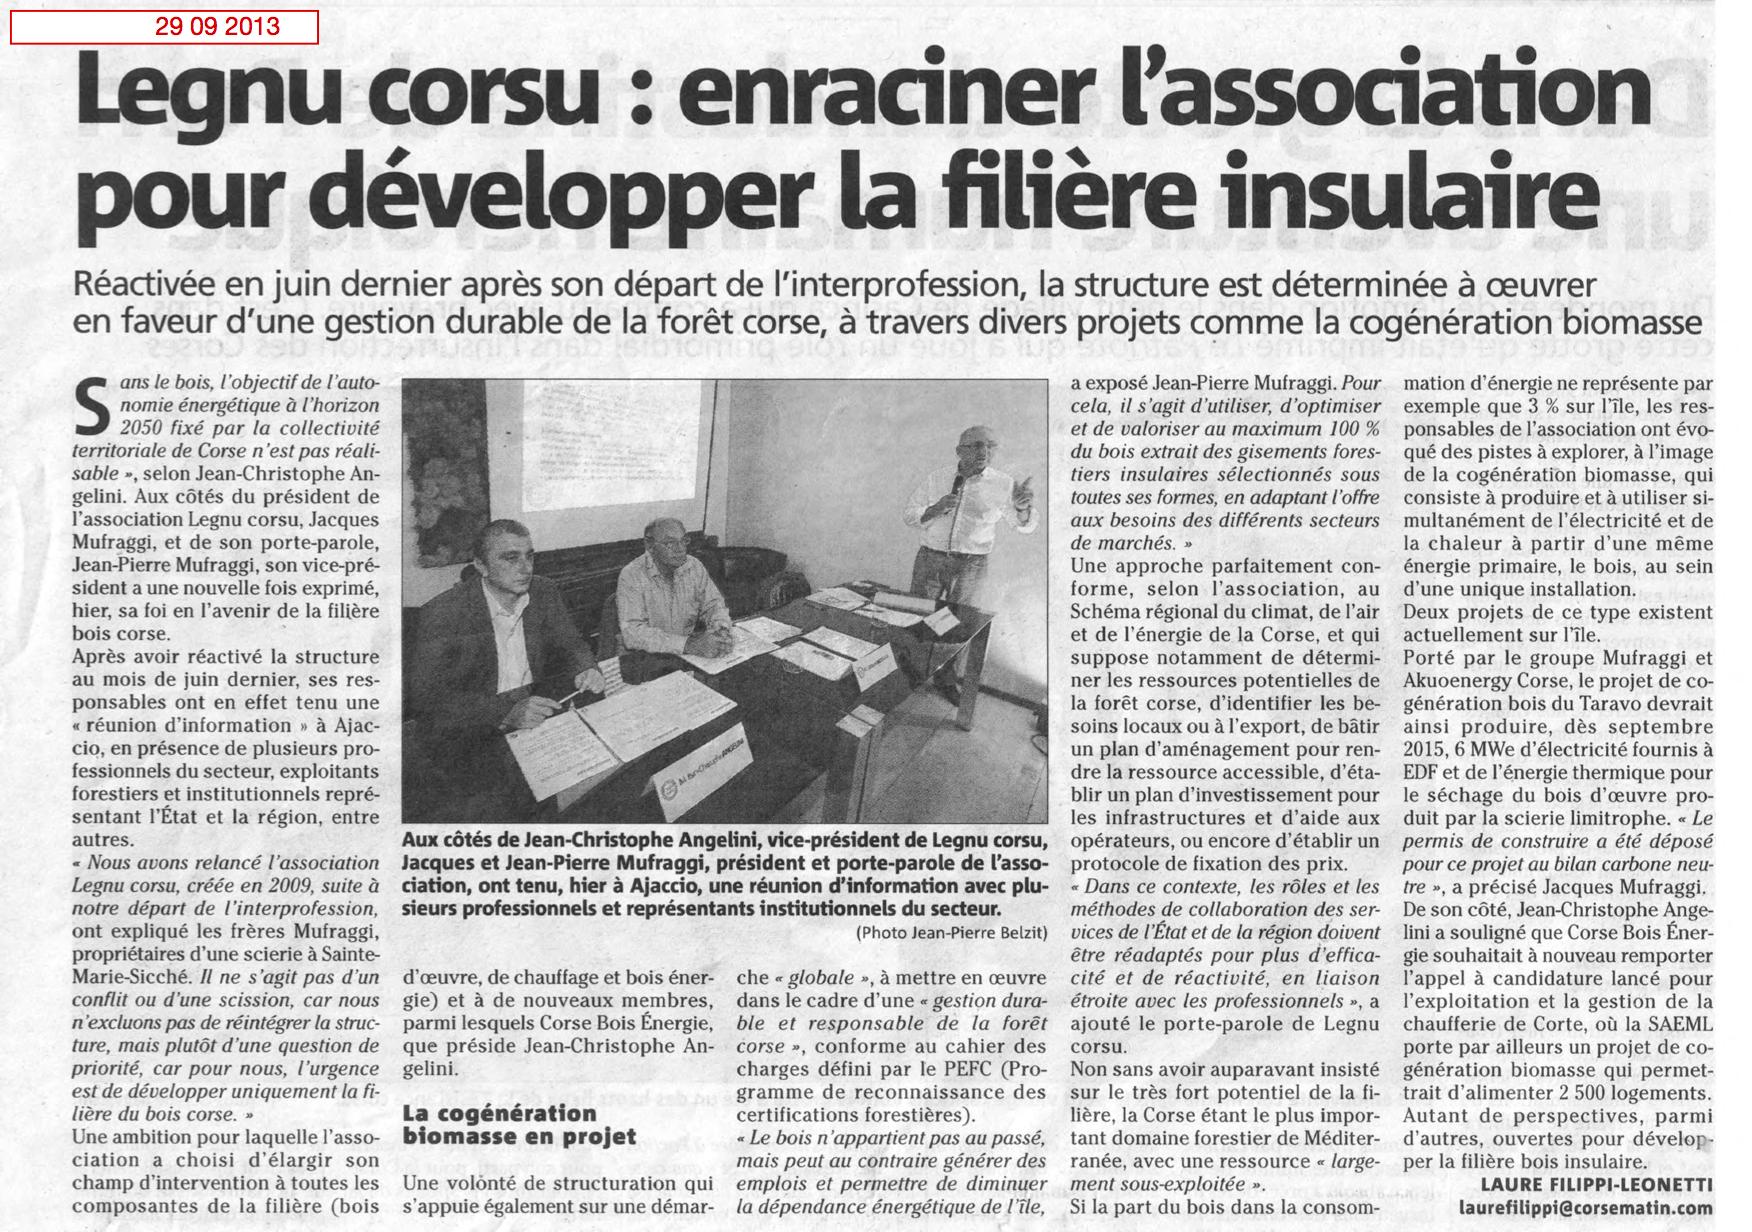 Corse_Matin_29_09_2013